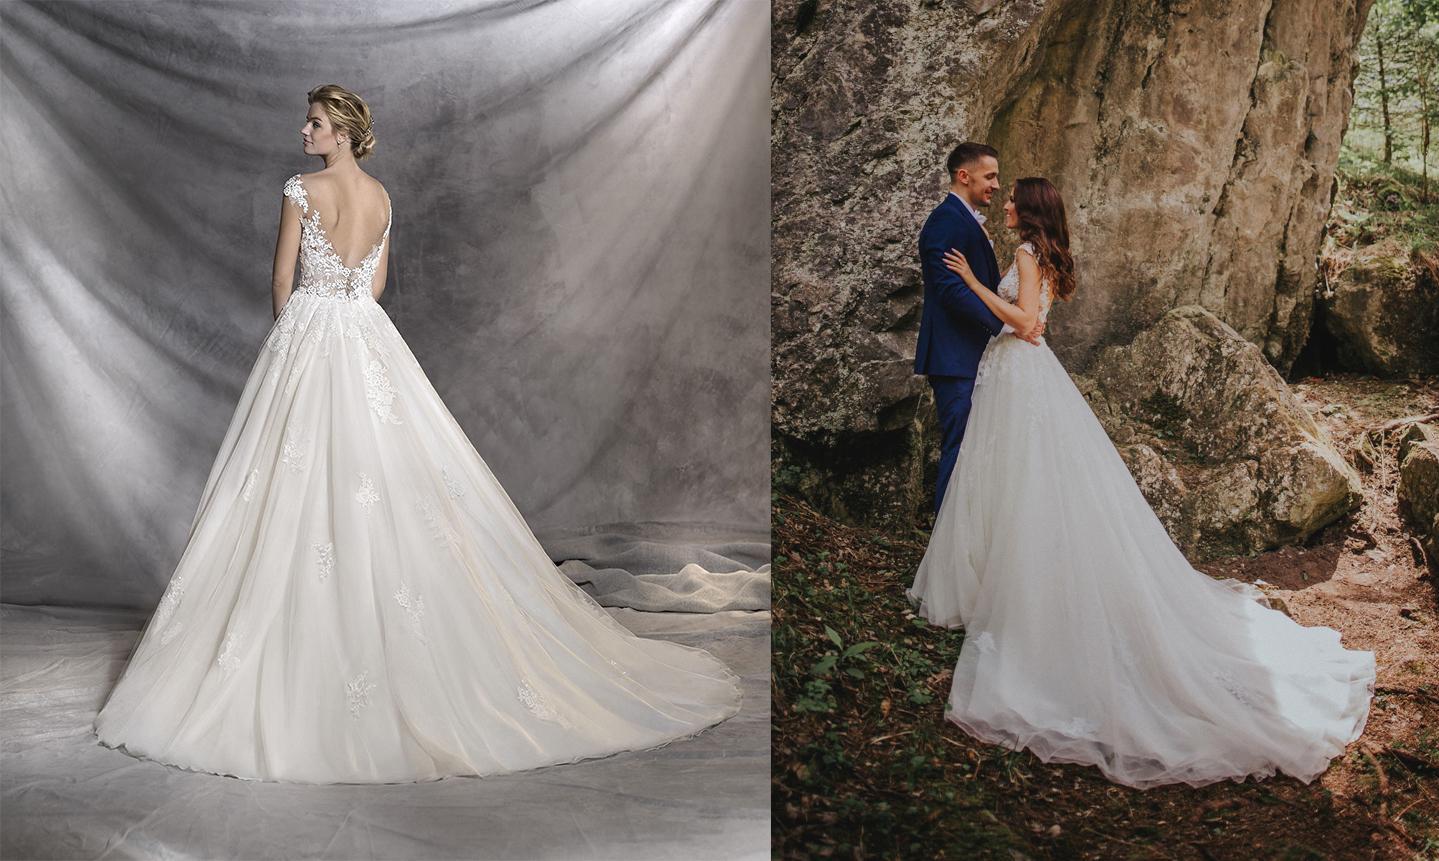 Svadobné šaty na modelke a na reálnej neveste - Nevesta @pepsinka146 a jej svadobné šaty Pronovias Ofelia zo svadobného salónu Jadei.